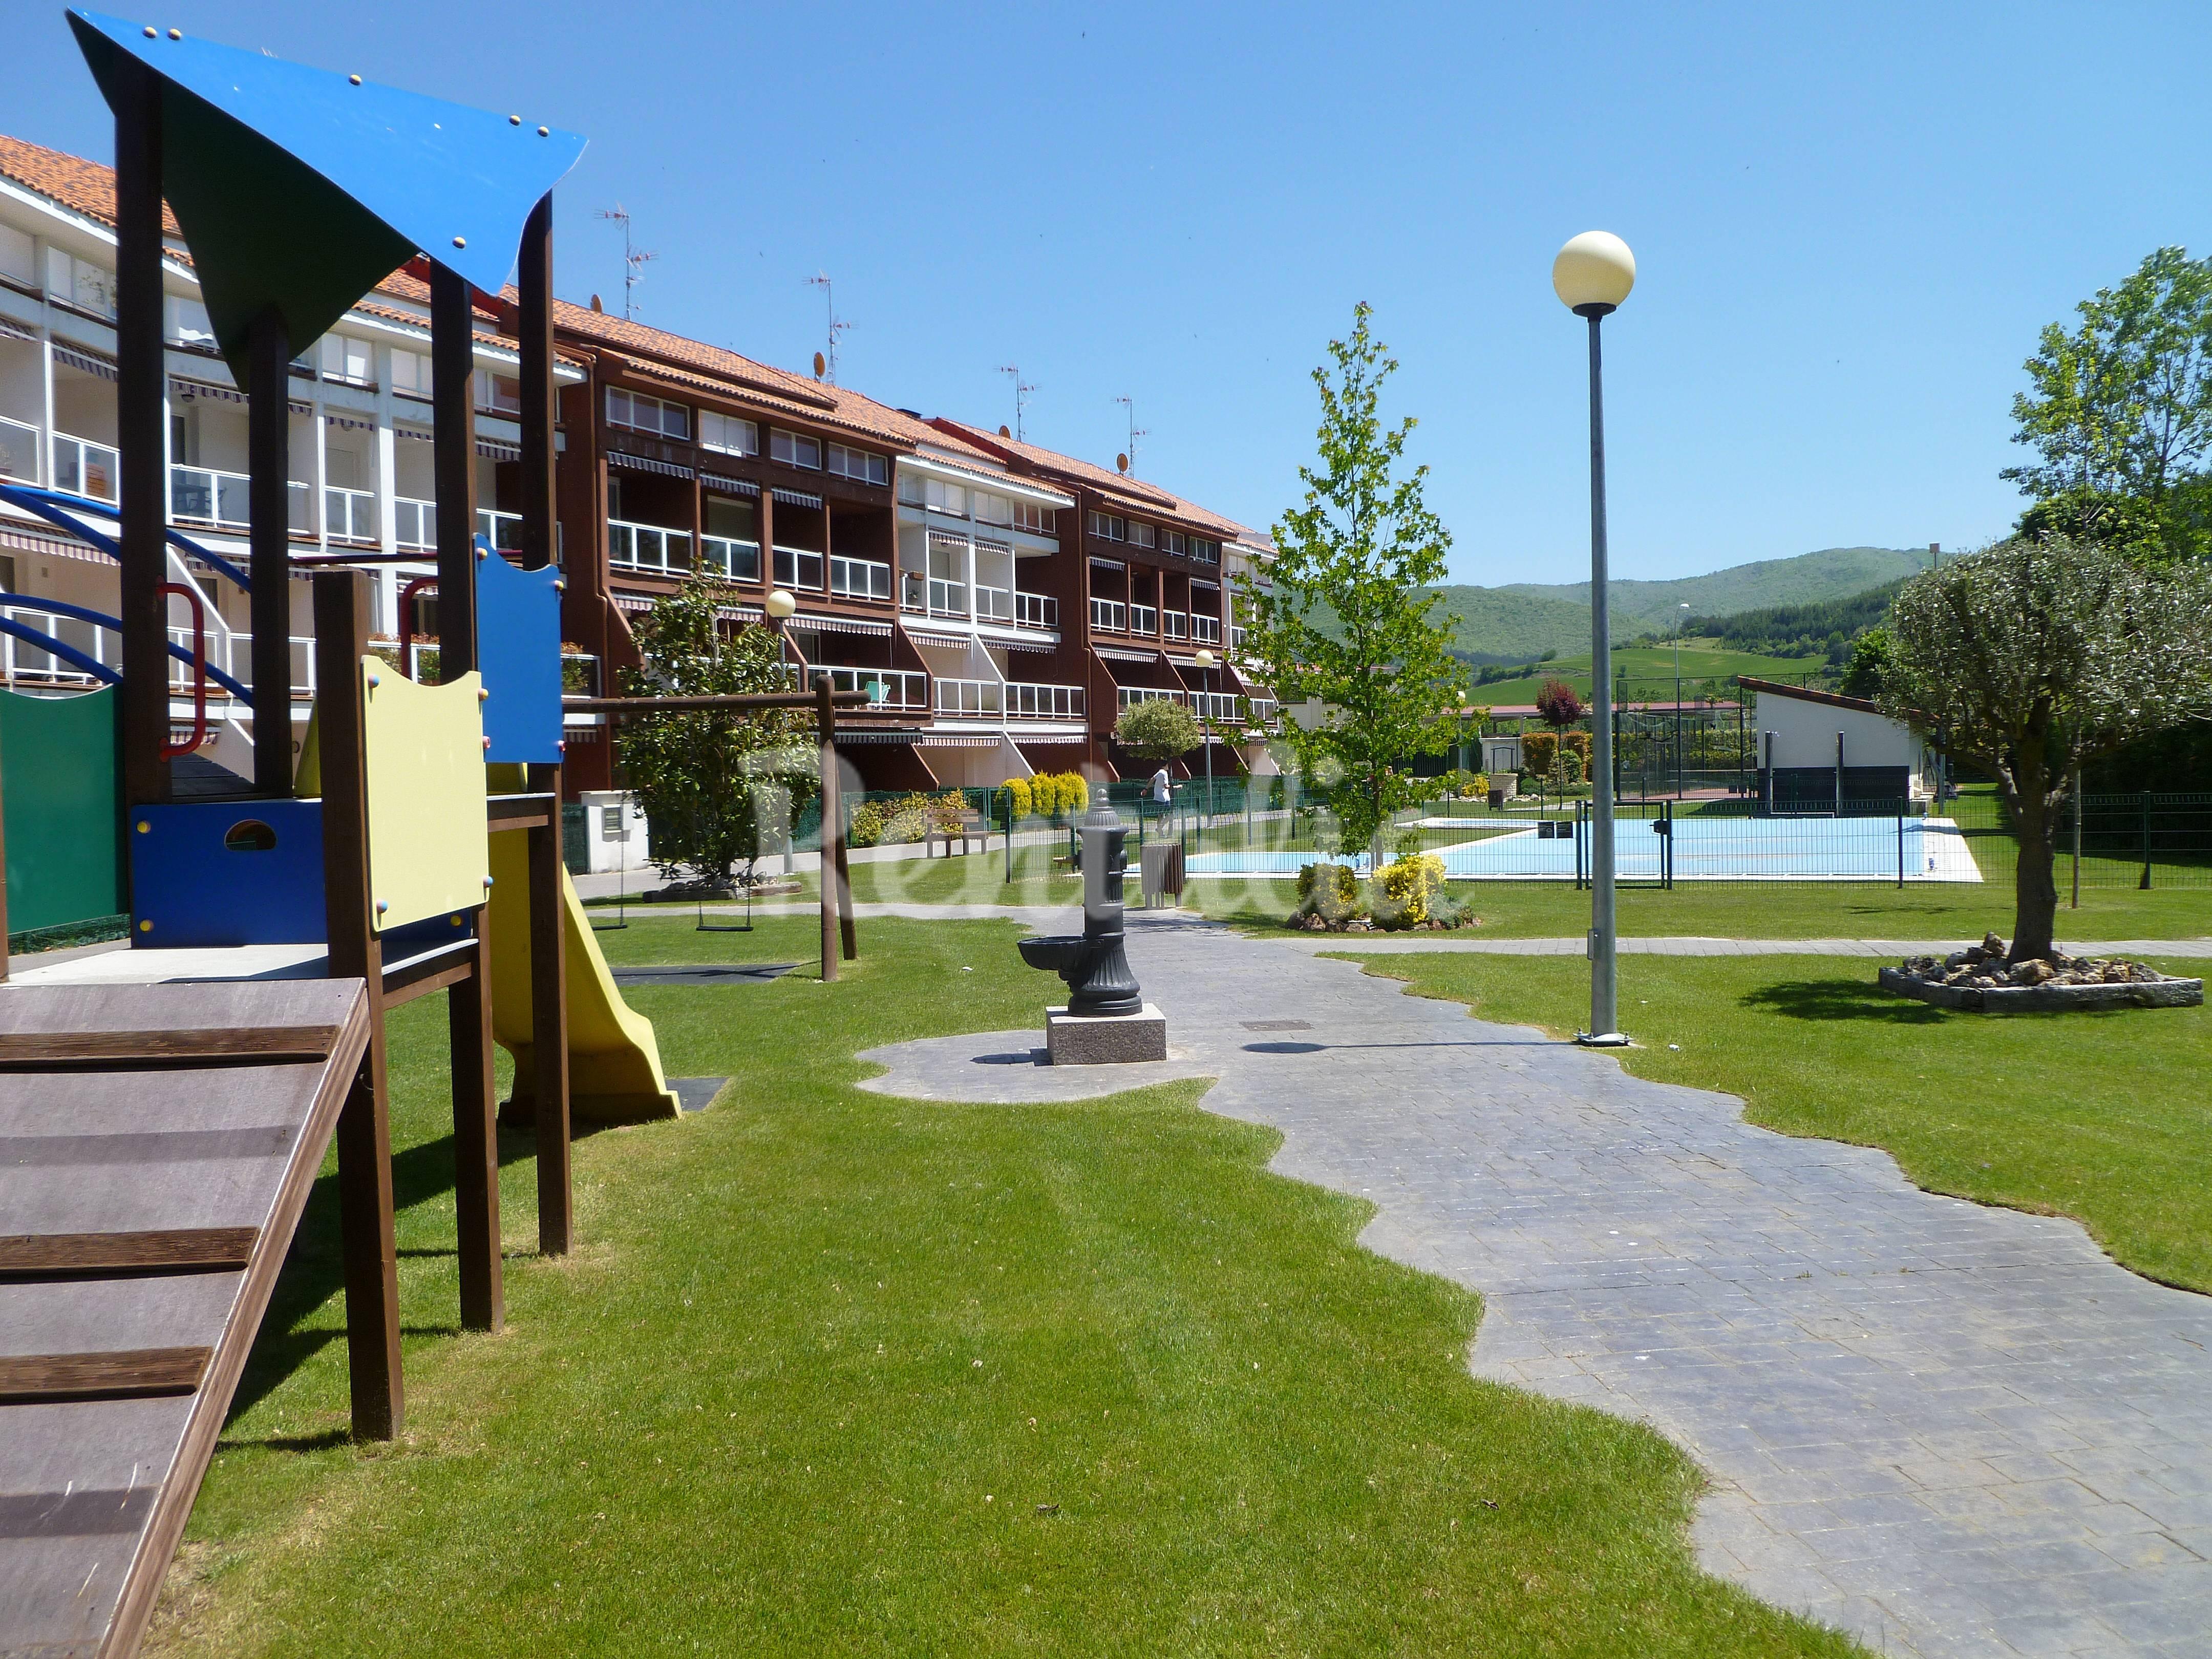 Casa con piscina y jardin en la rioja santurde de rioja for Casas con jardin y piscina